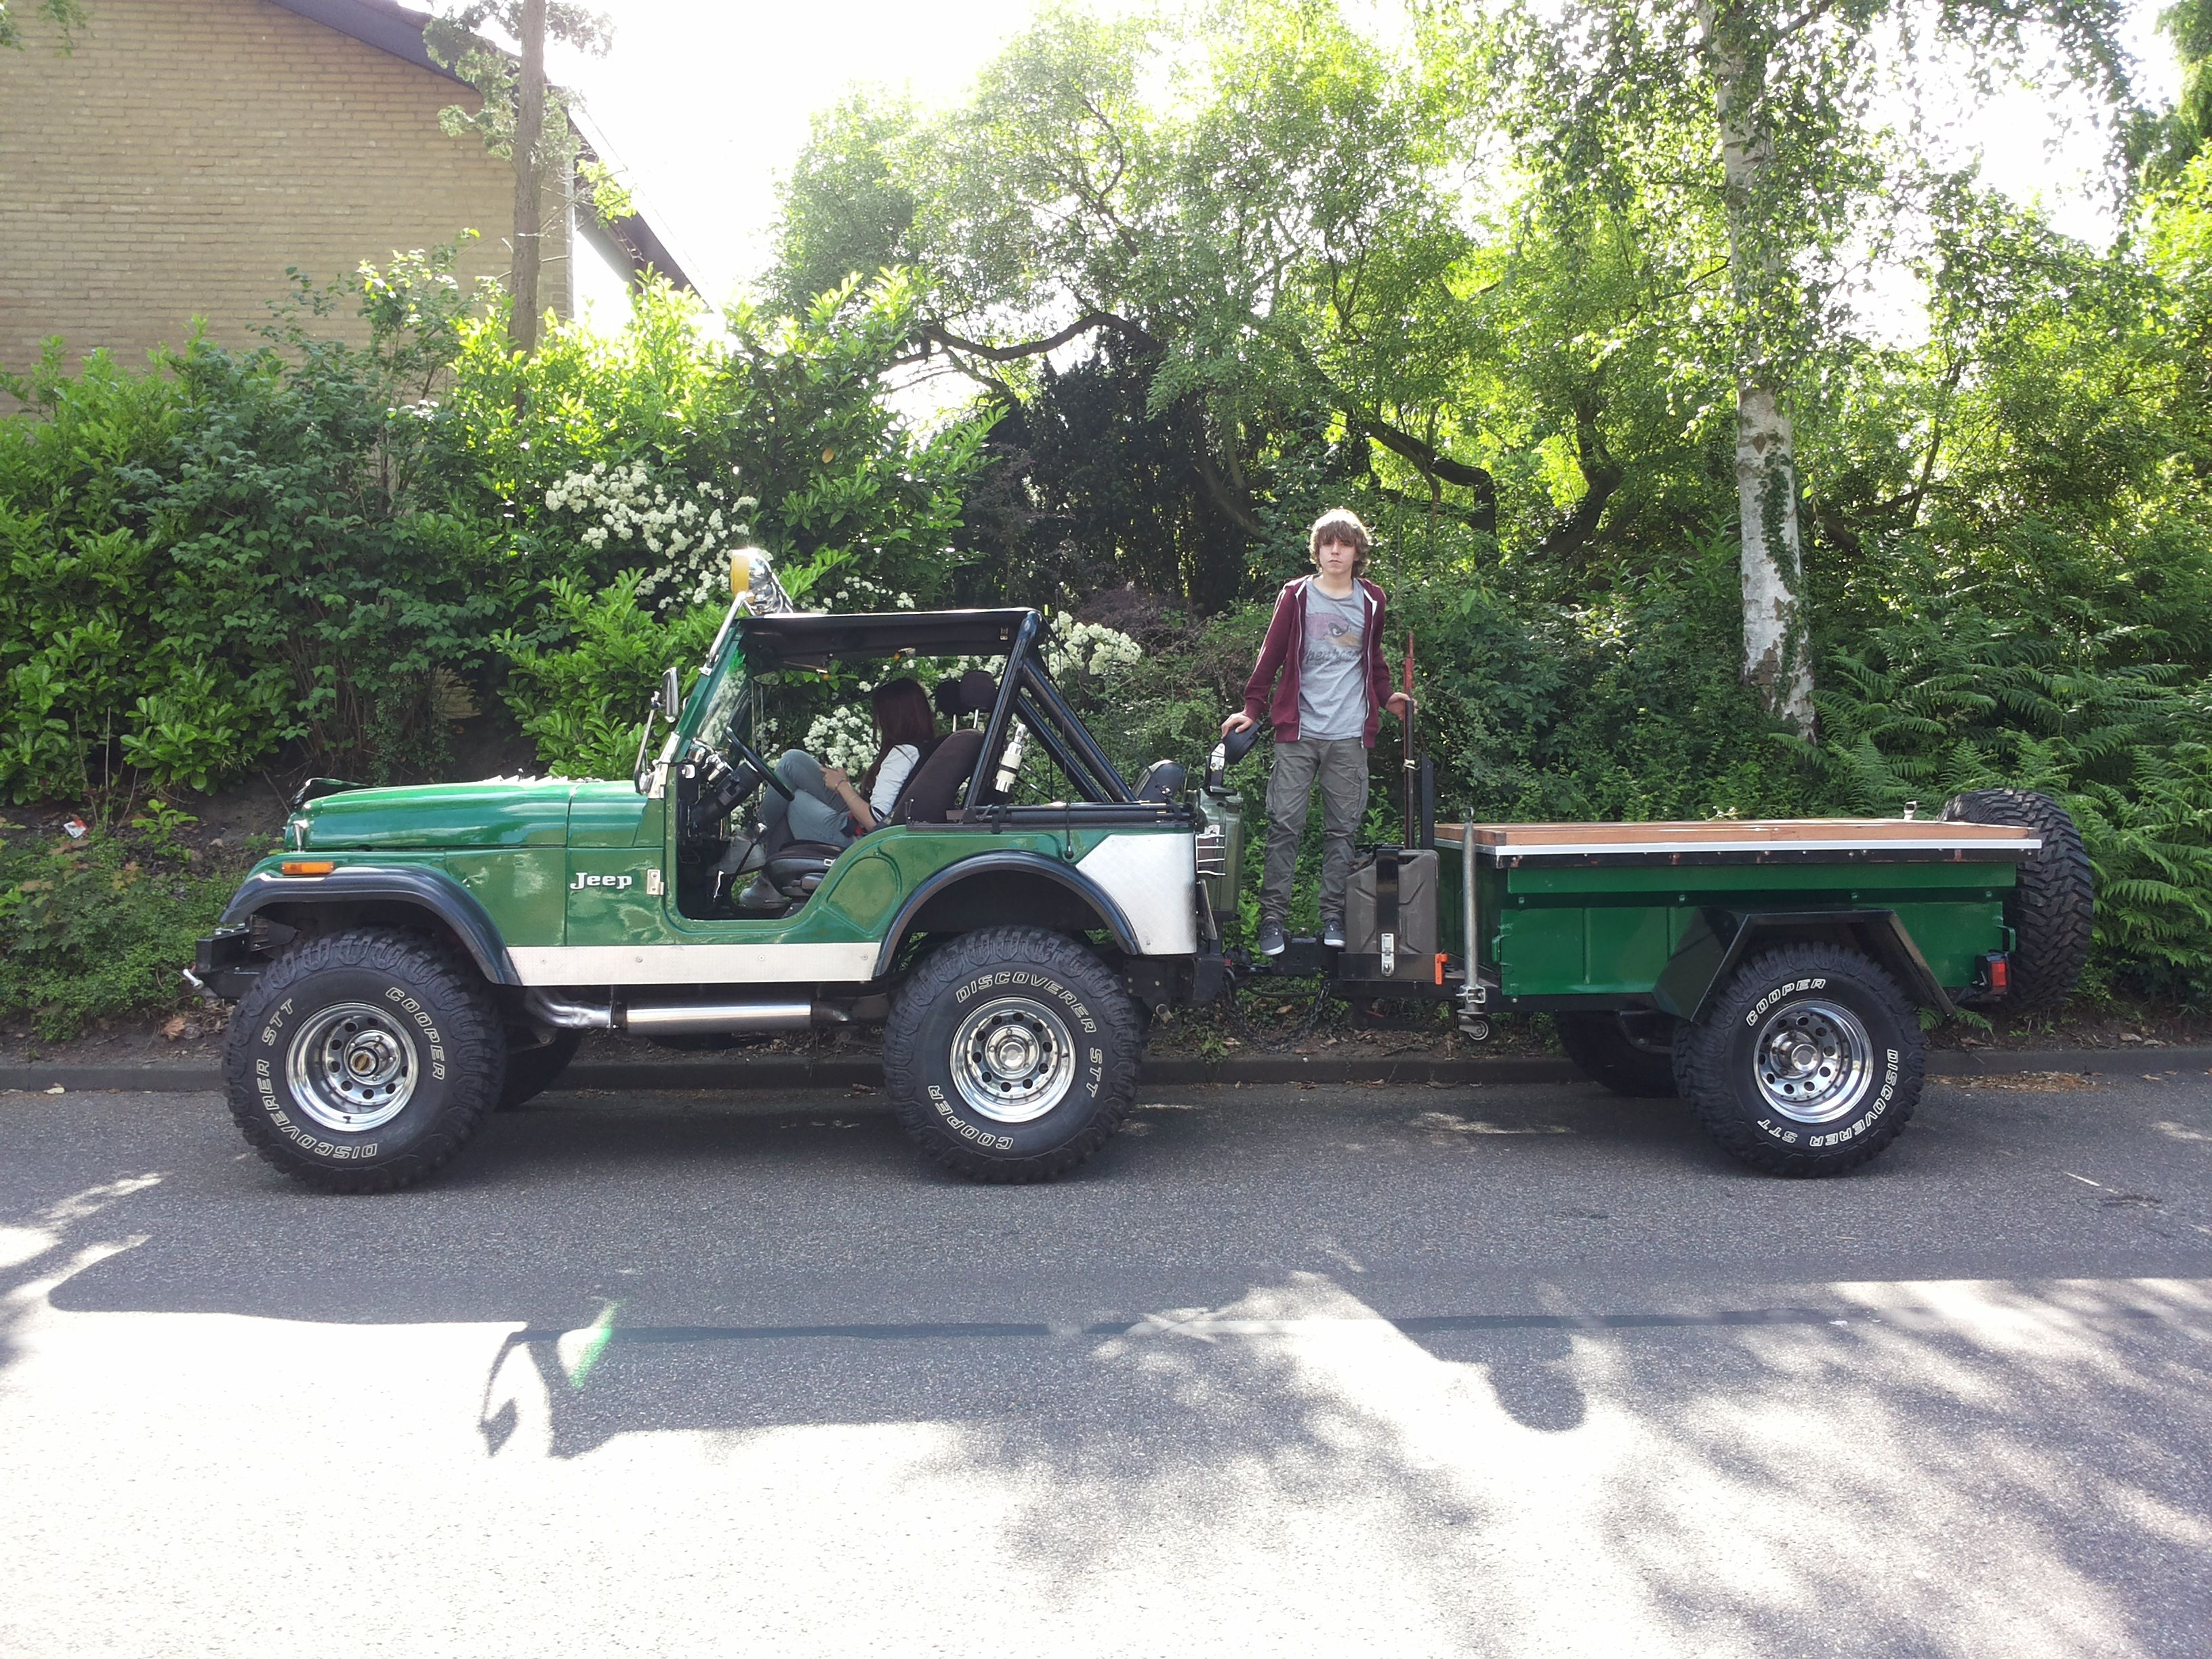 My jeep cj5 with my kids